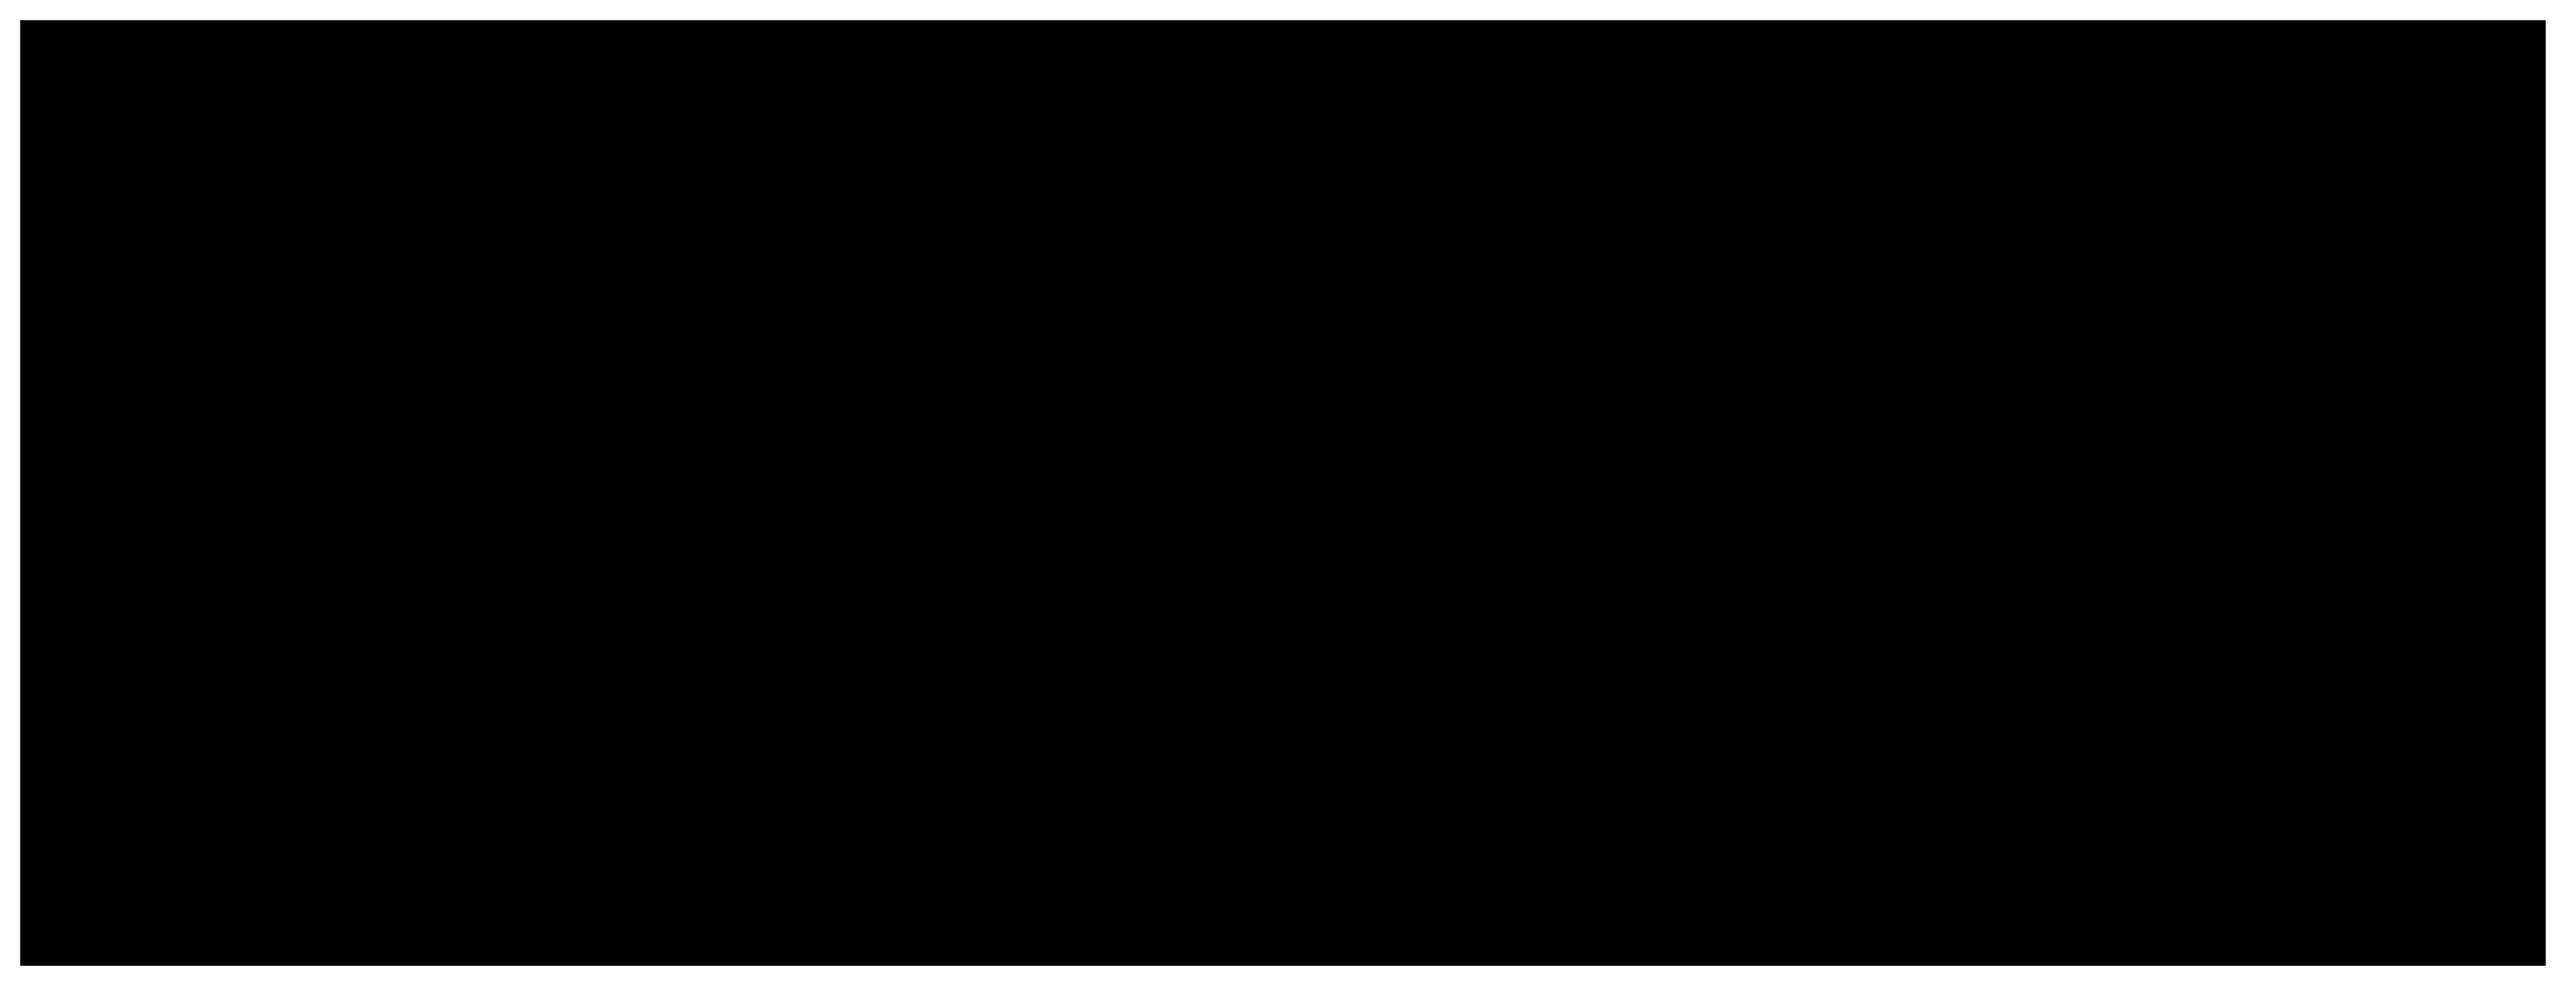 Oakley Logos Download